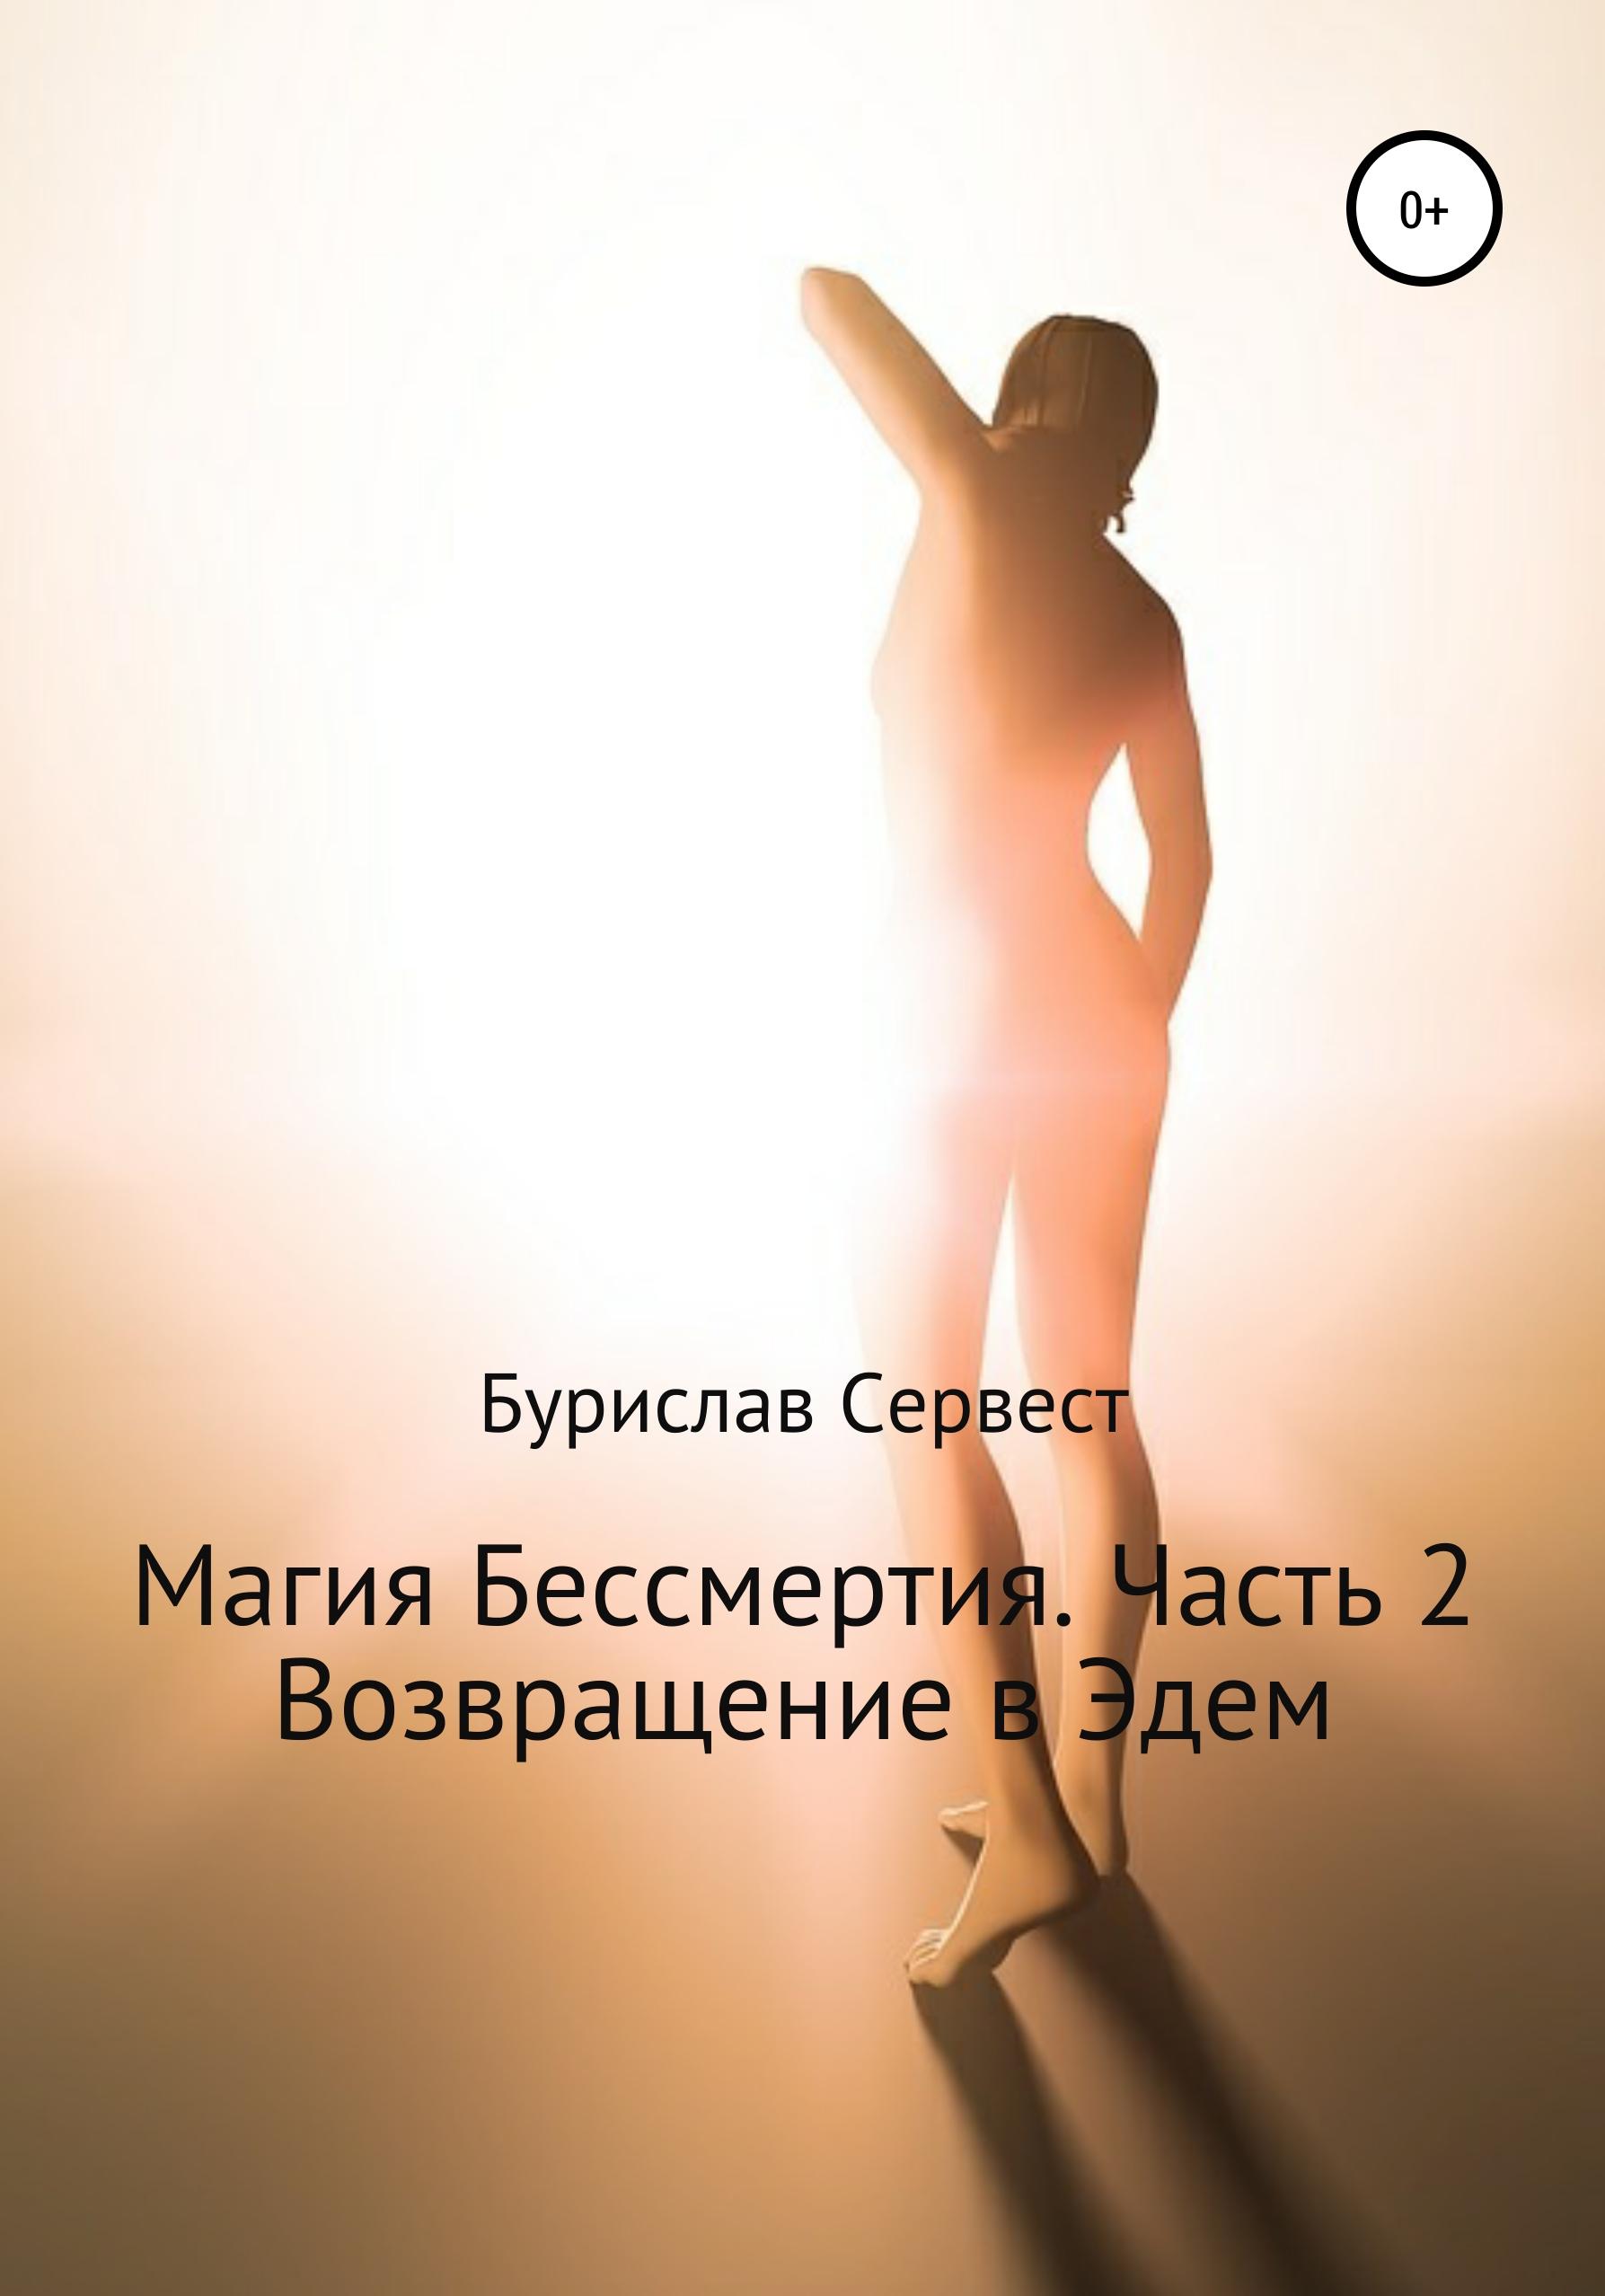 Купить книгу Магия Бессмертия. Часть 2. Возвращение в Эдем, автора Бурислава Сервест